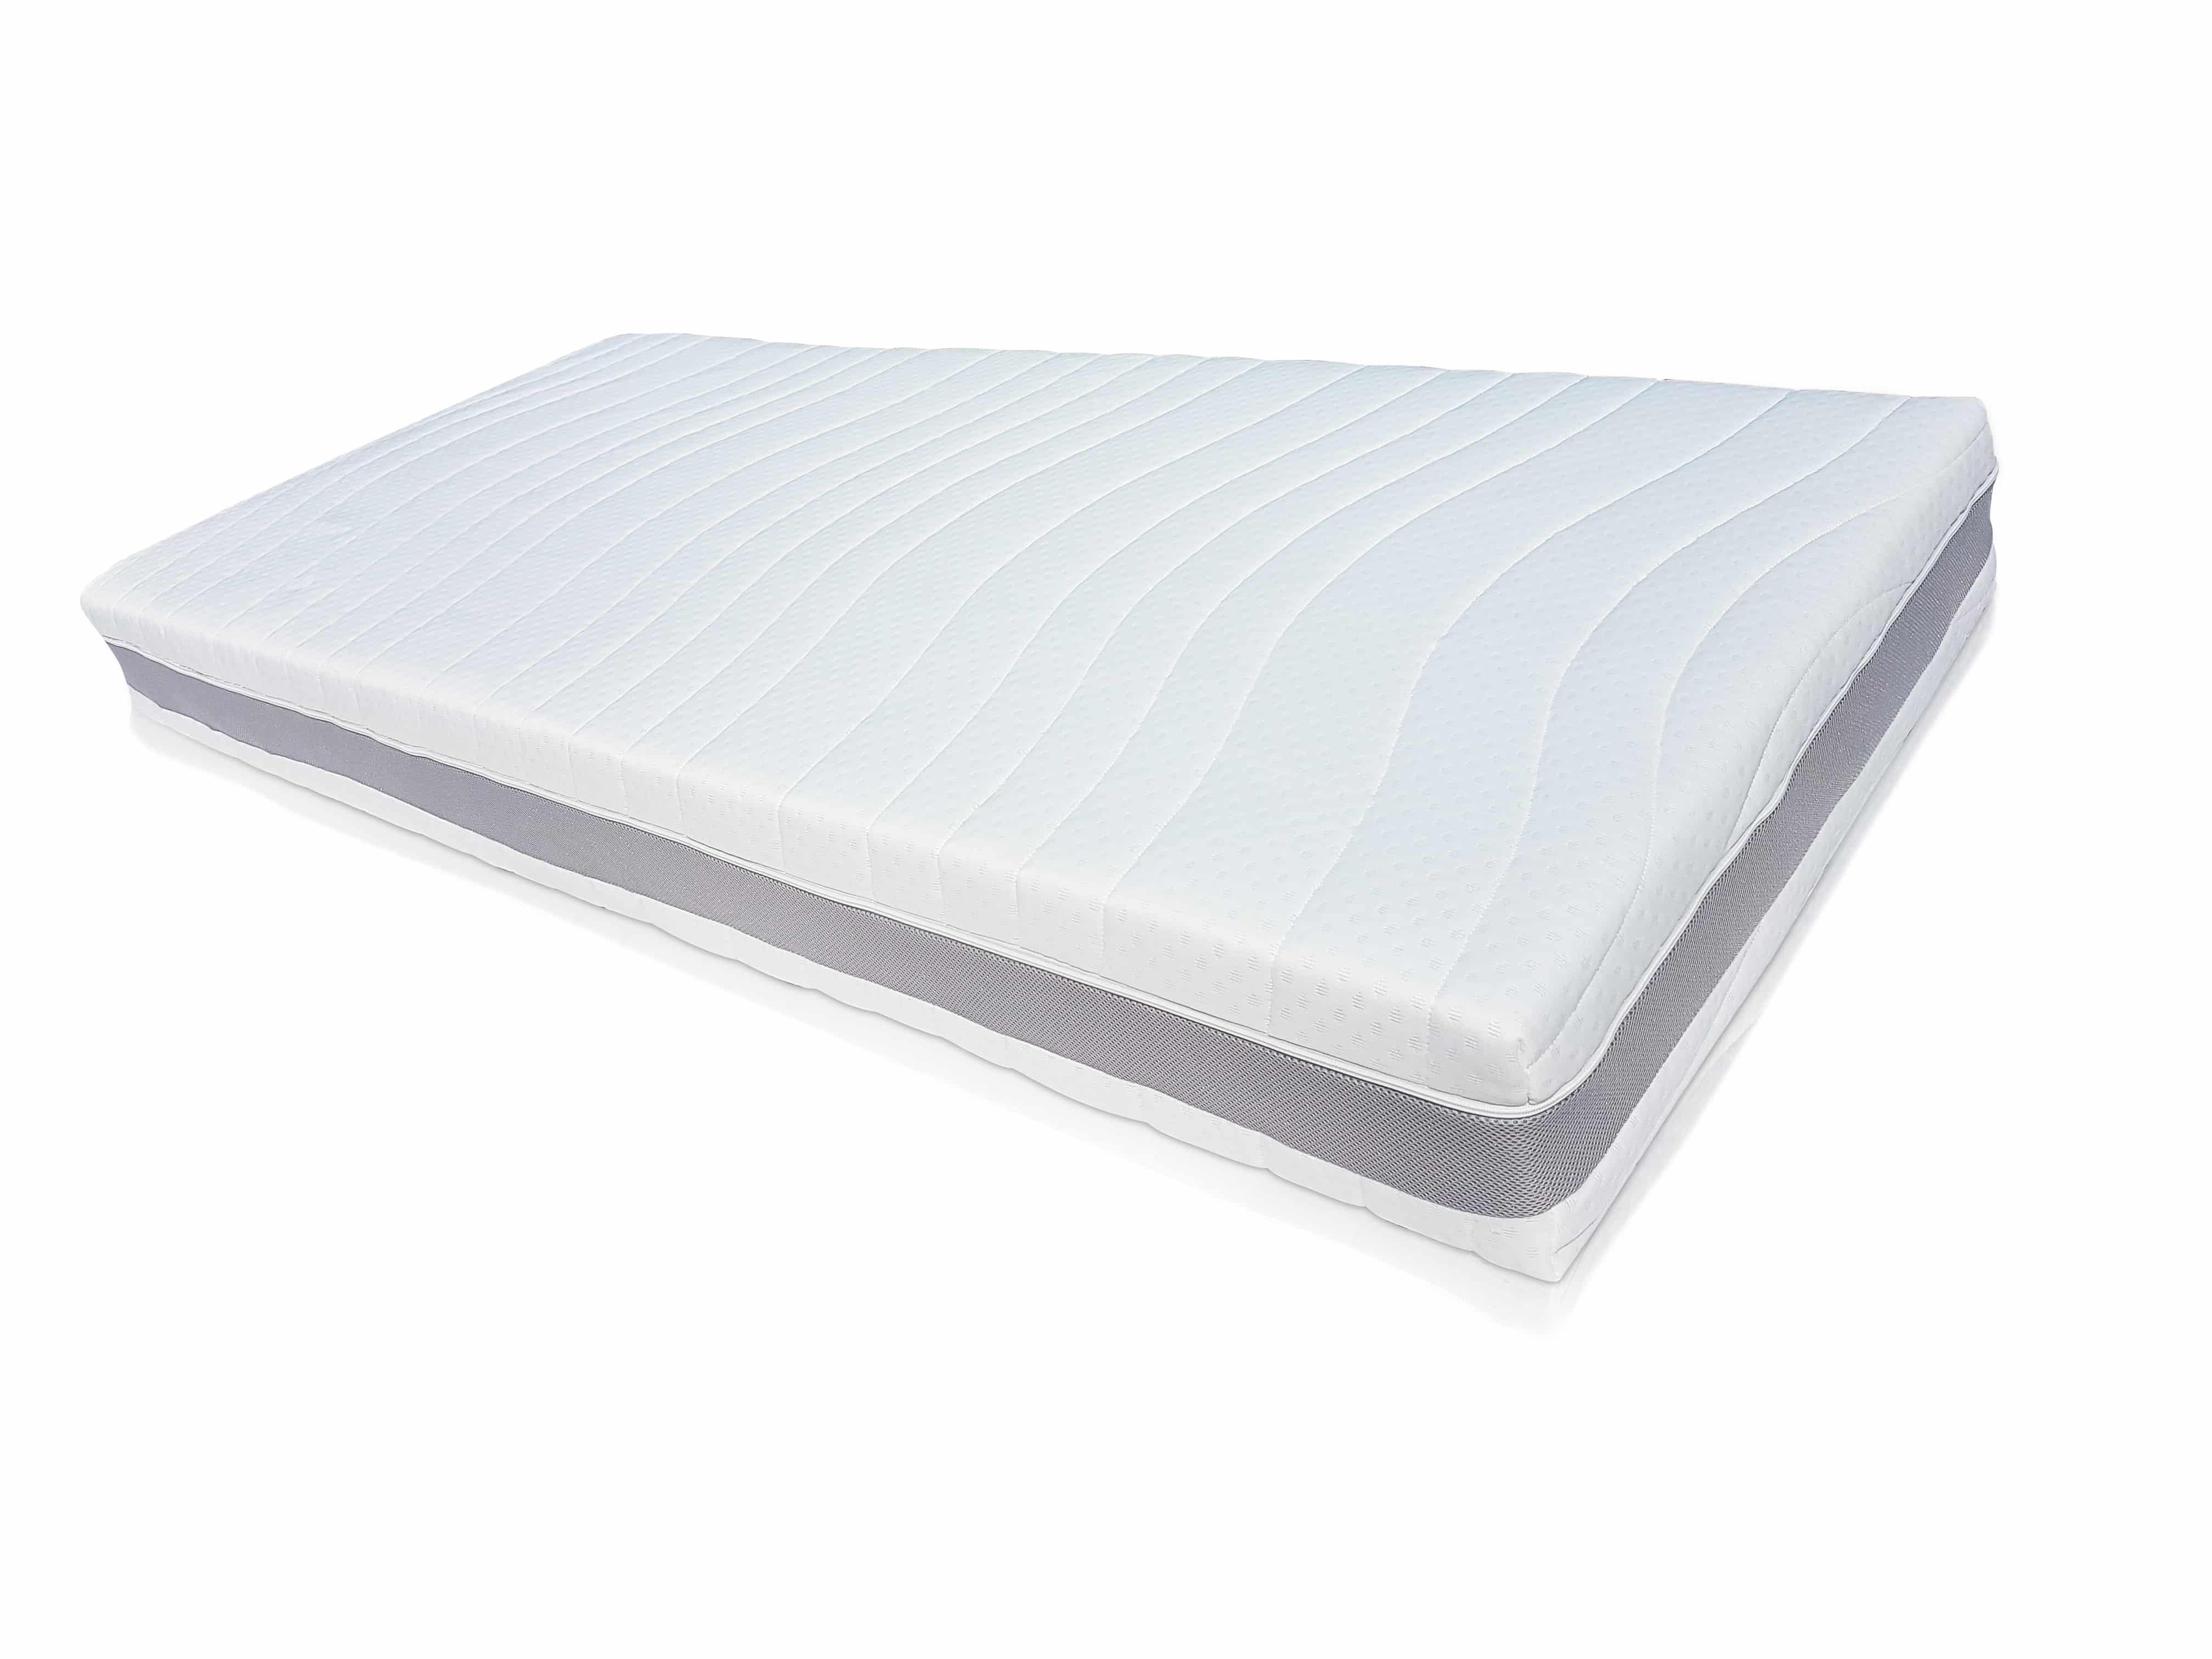 Beste Matras Voor Zware Mensen.7 Comfort Premium 150 Hr Matras Voor Zwaardere Mensen Droommatras